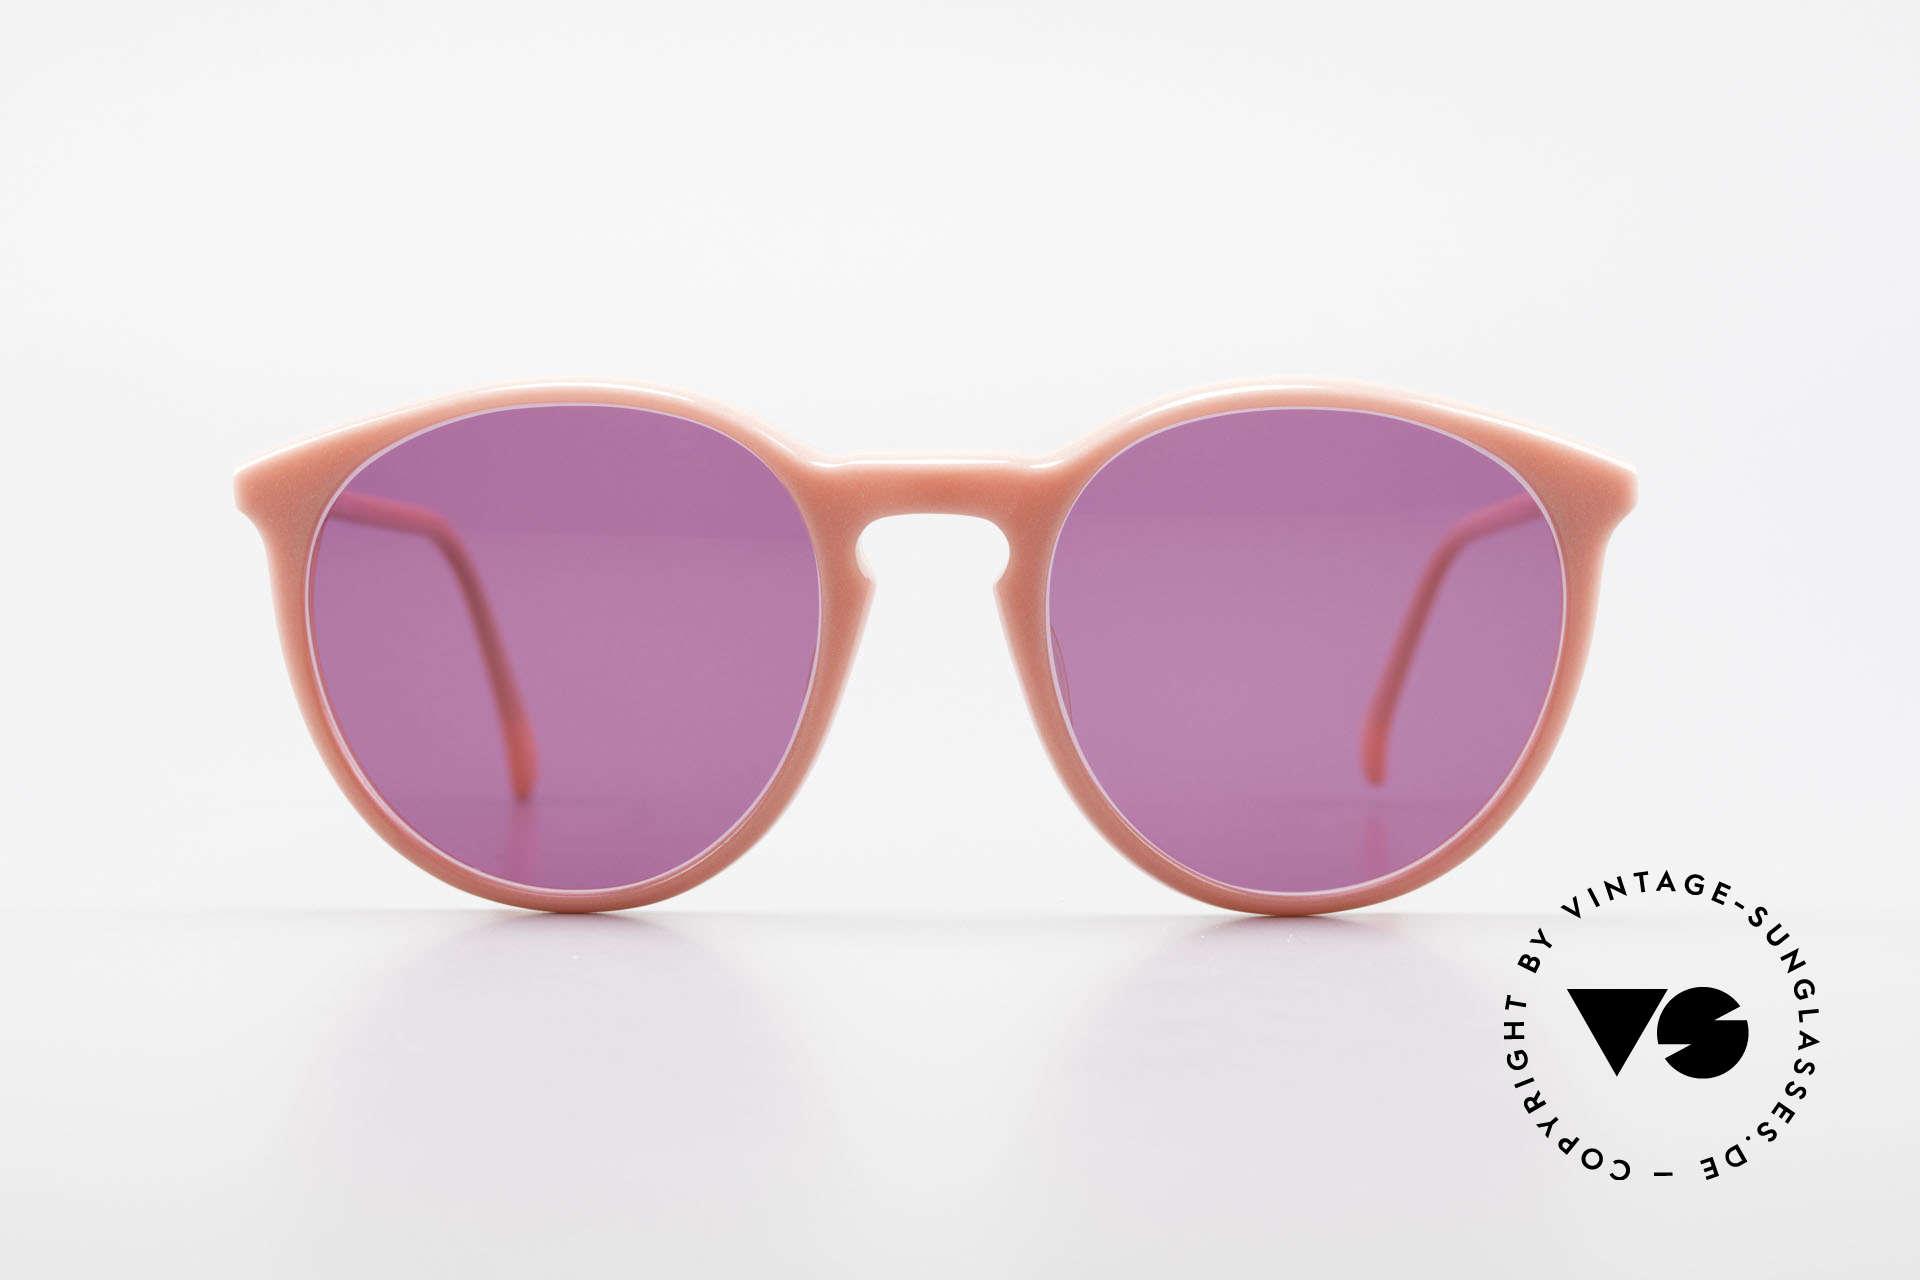 Alain Mikli 901 / 081 Panto Sonnenbrille Lila Pink, mehr 'klassisch' geht nicht (bekannte Panto-Form), Passend für Damen